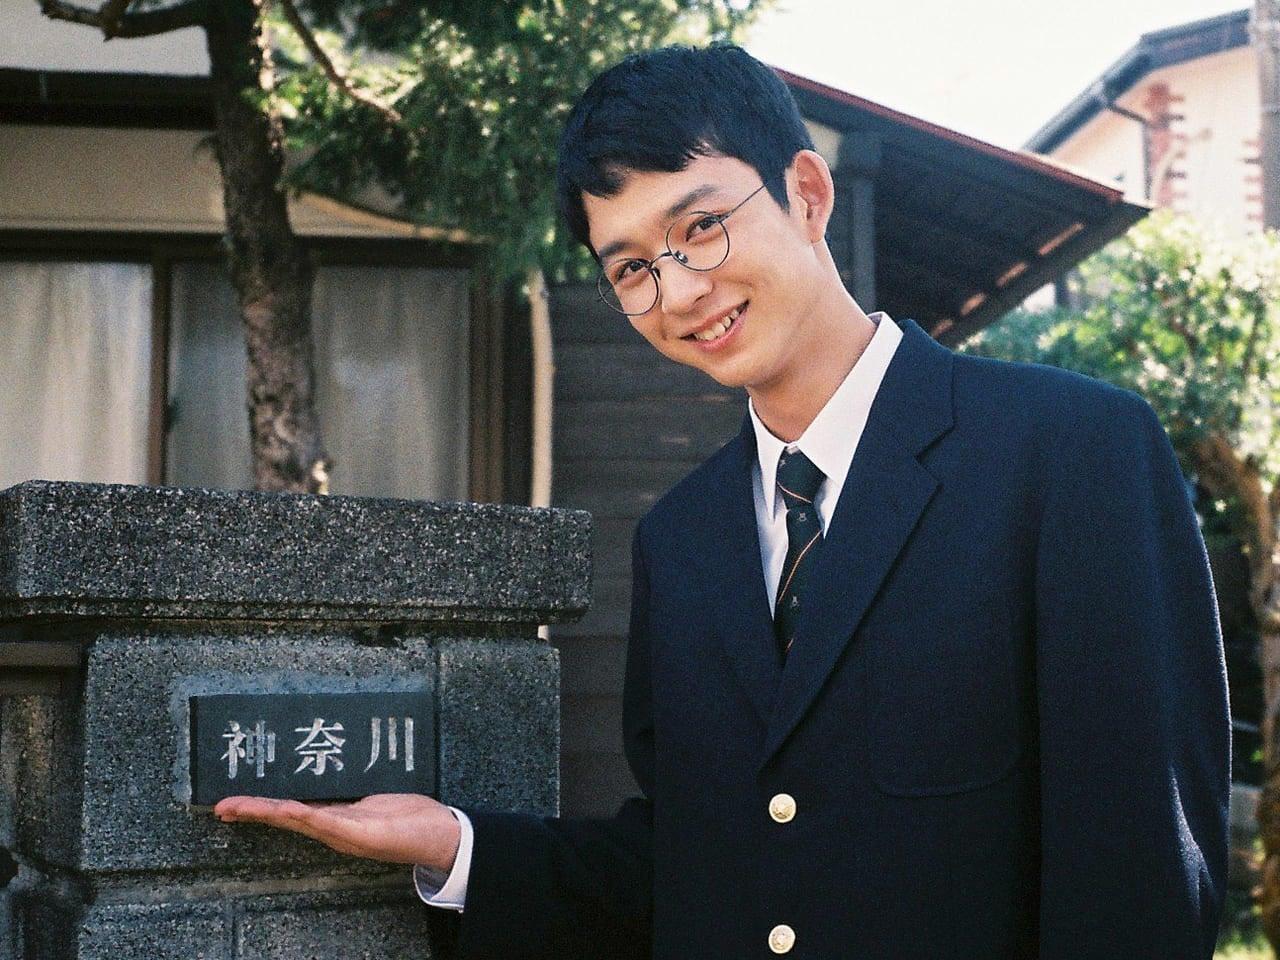 主演映画が11/6公開。自由奔放で短髪メガネの「神奈川」を楽しみながら演じました!